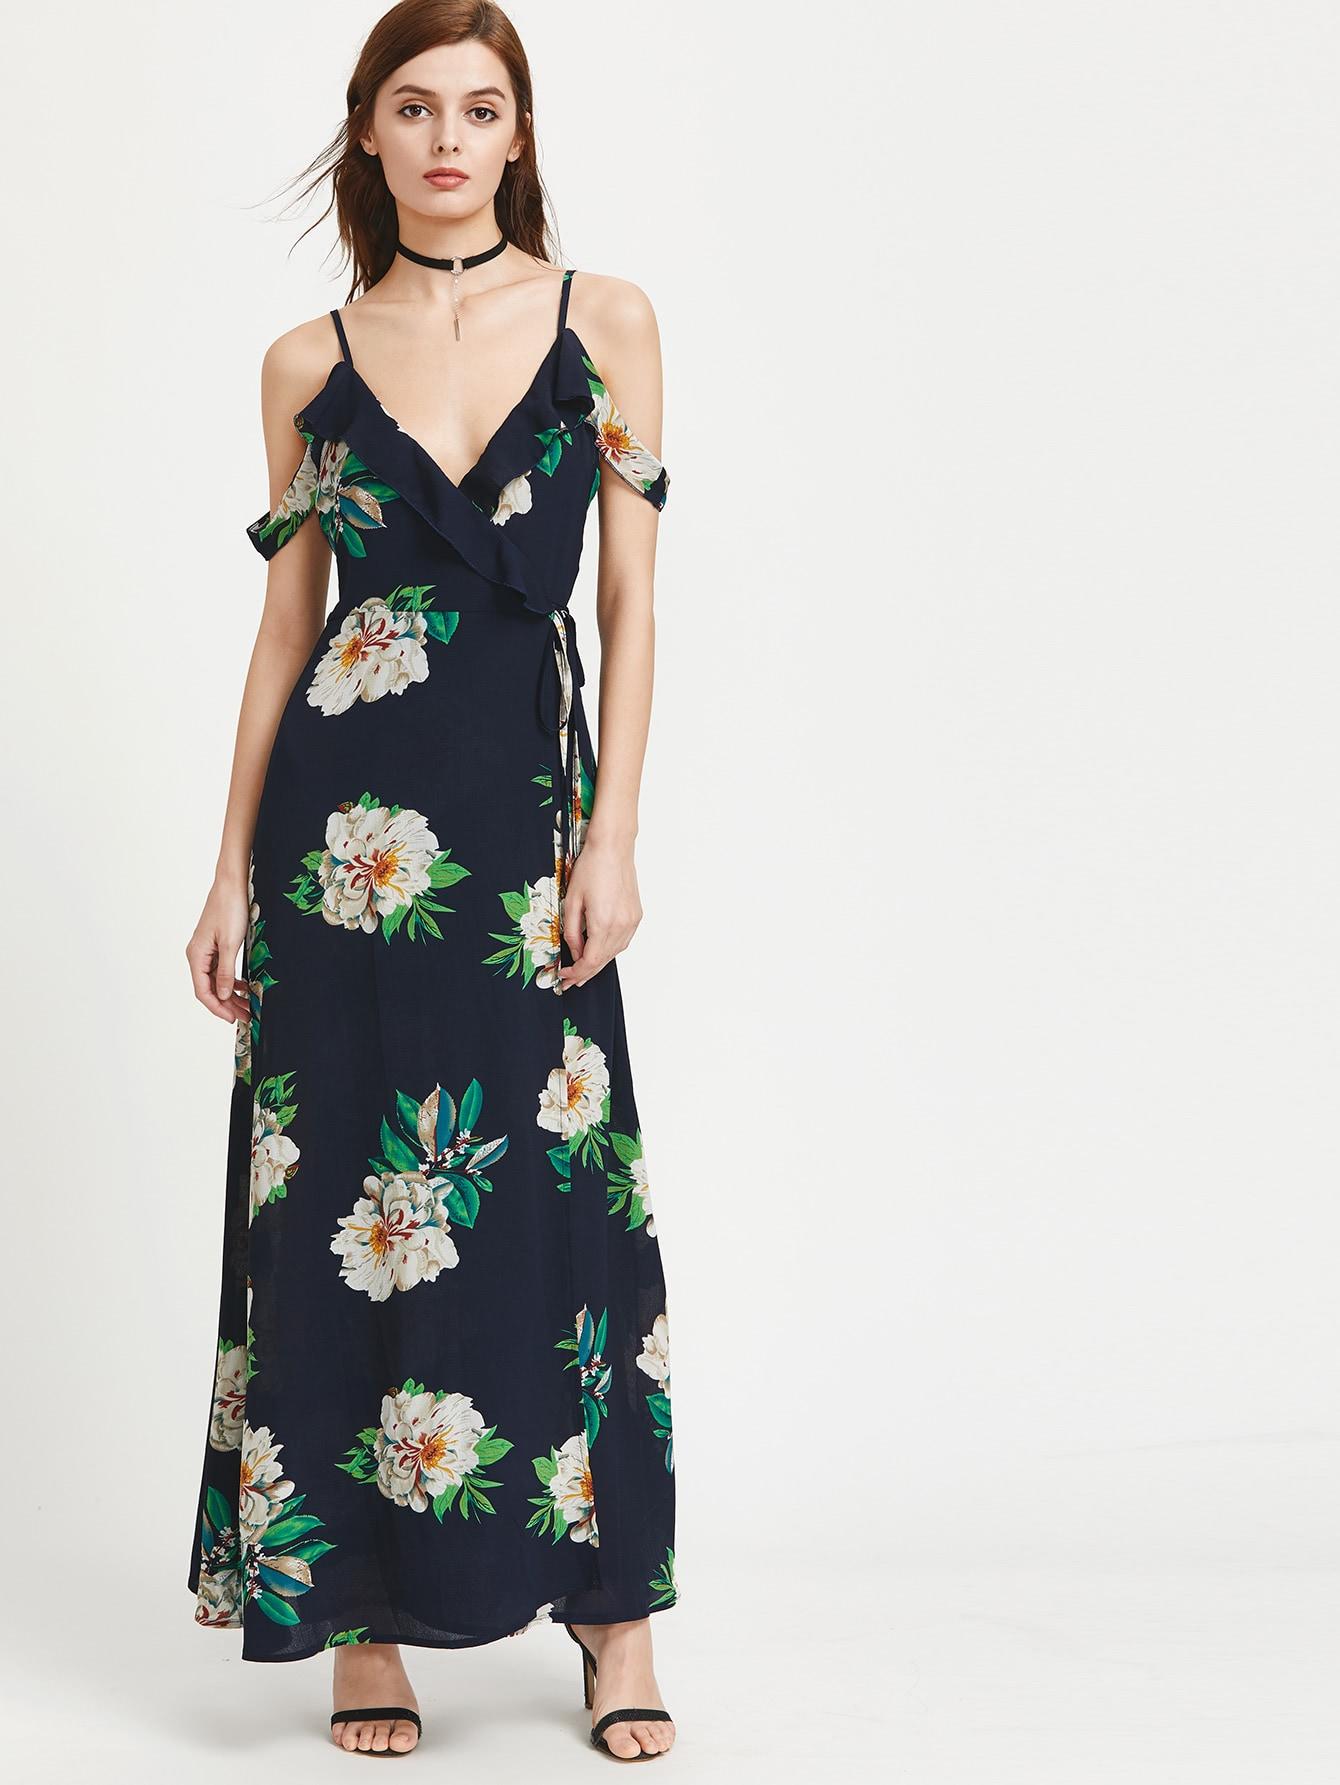 dress170421105_2